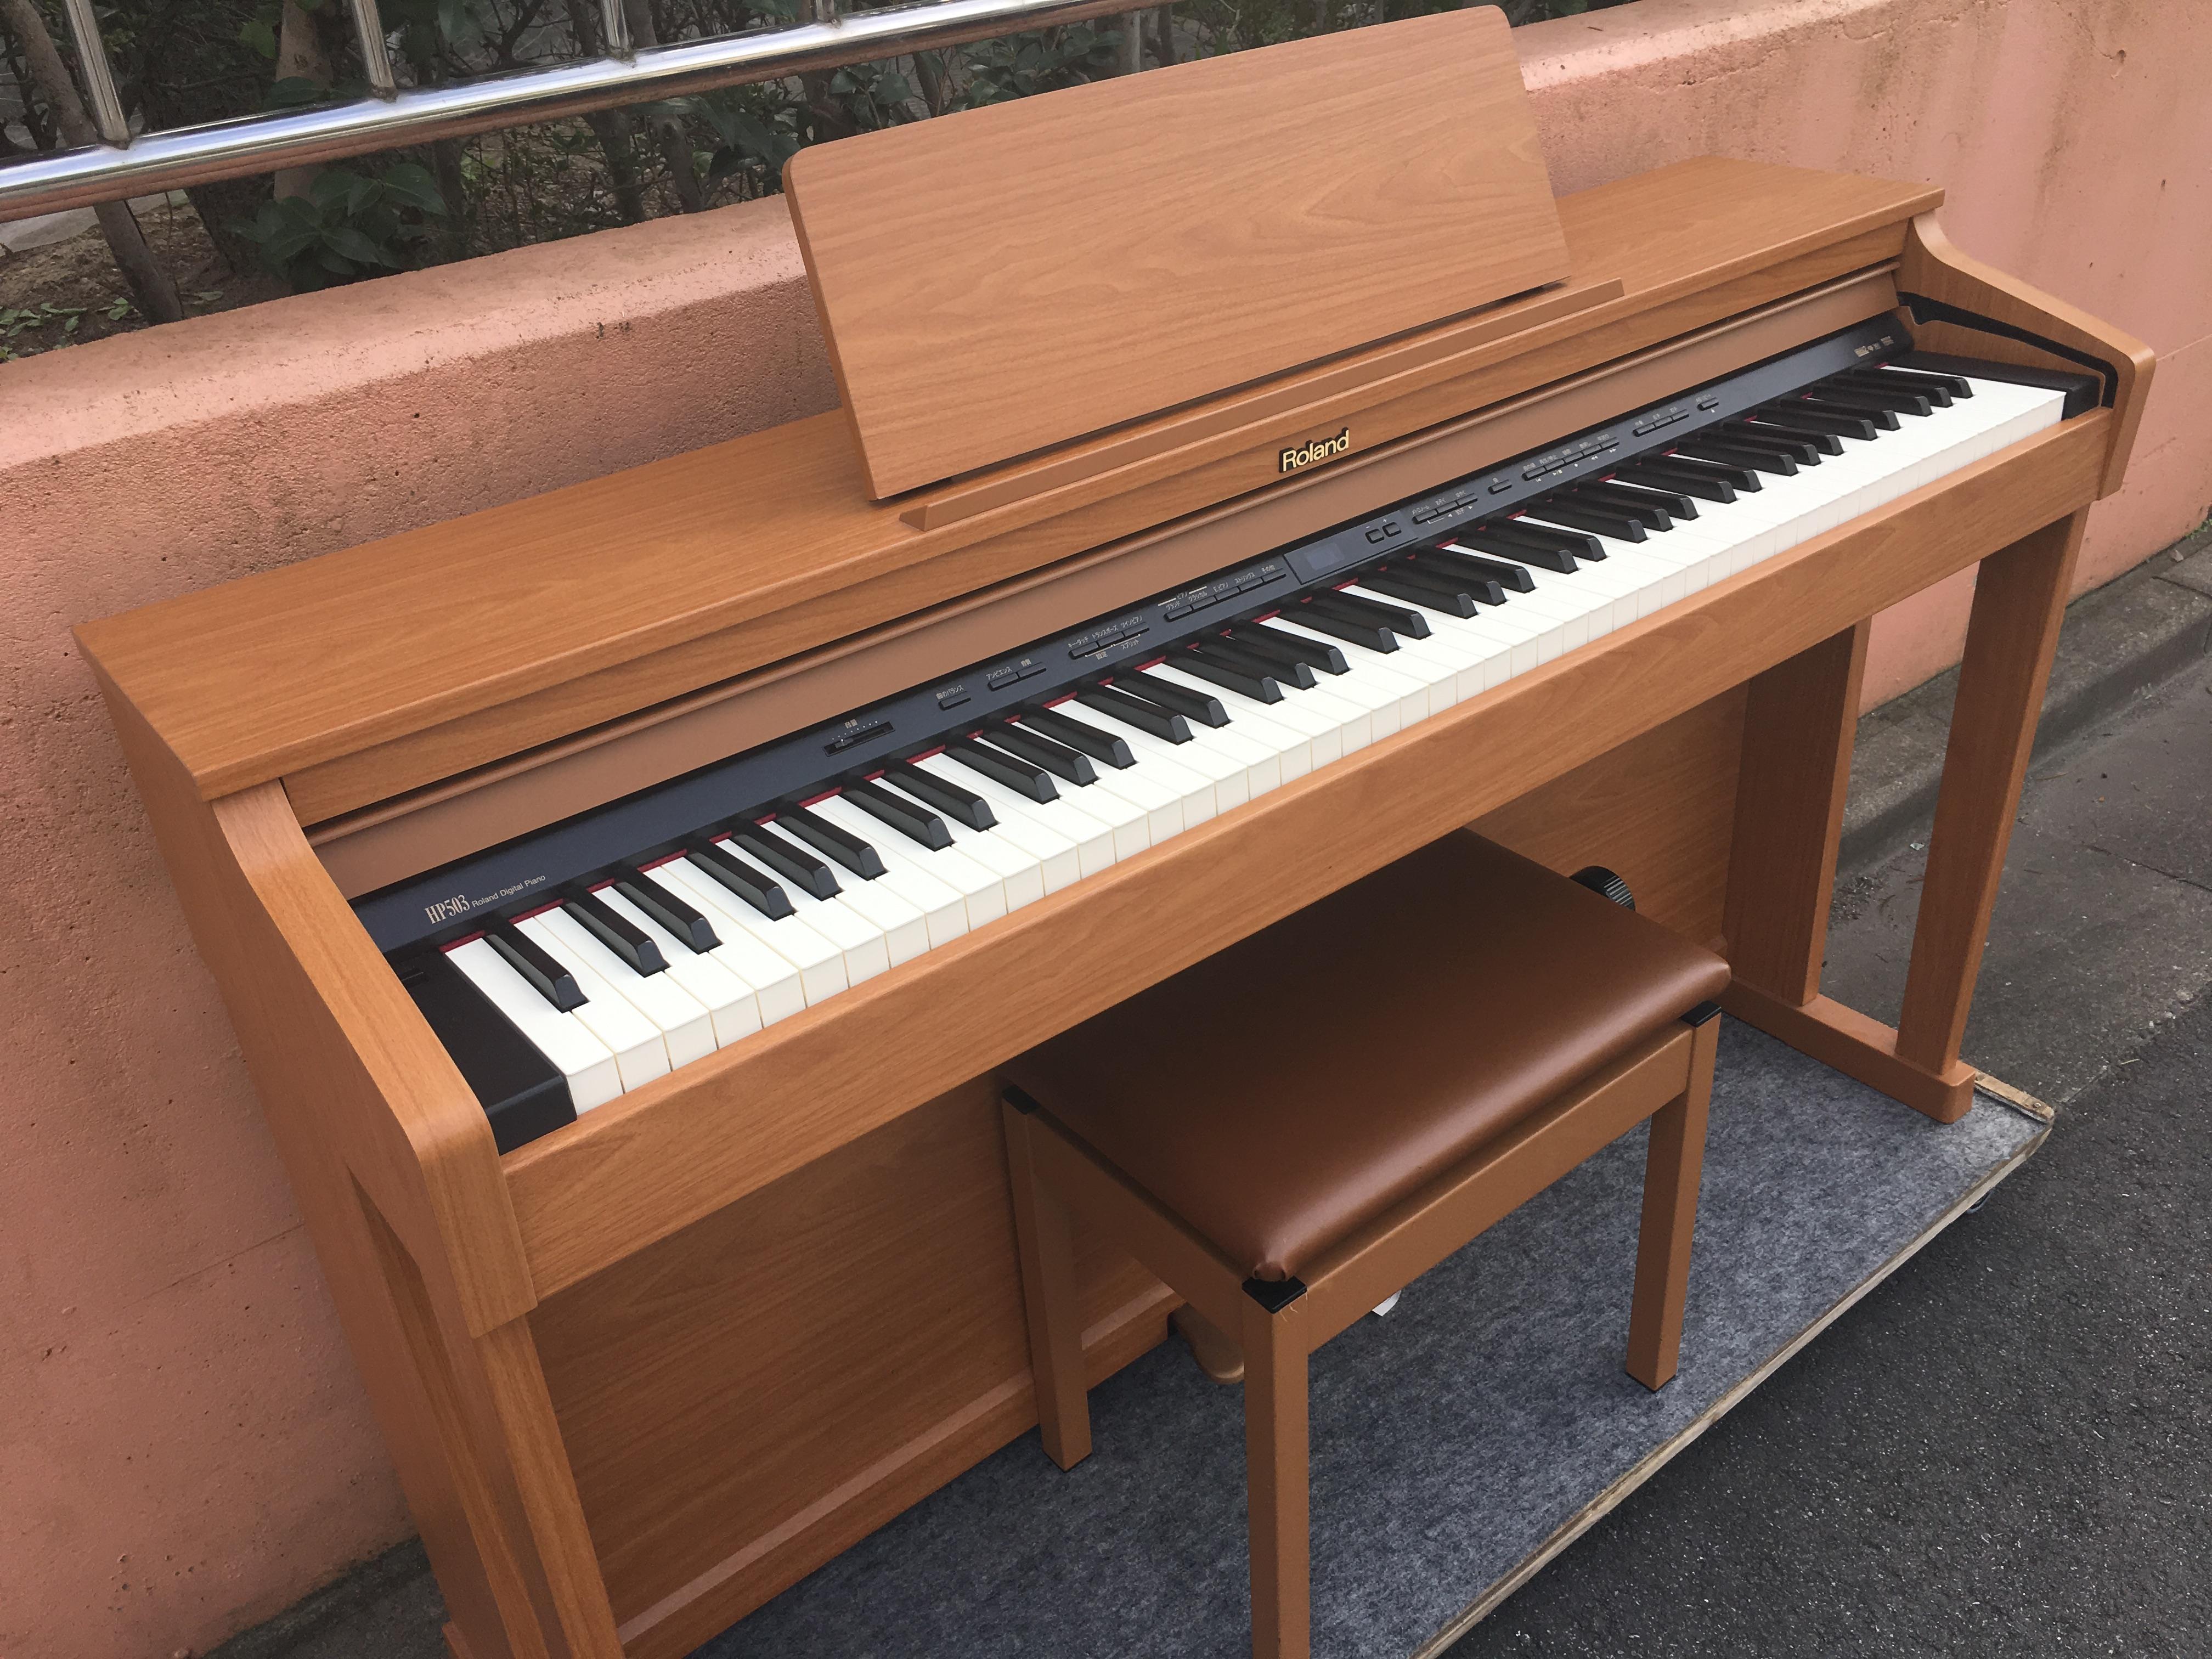 ローランド グランド ピアノ